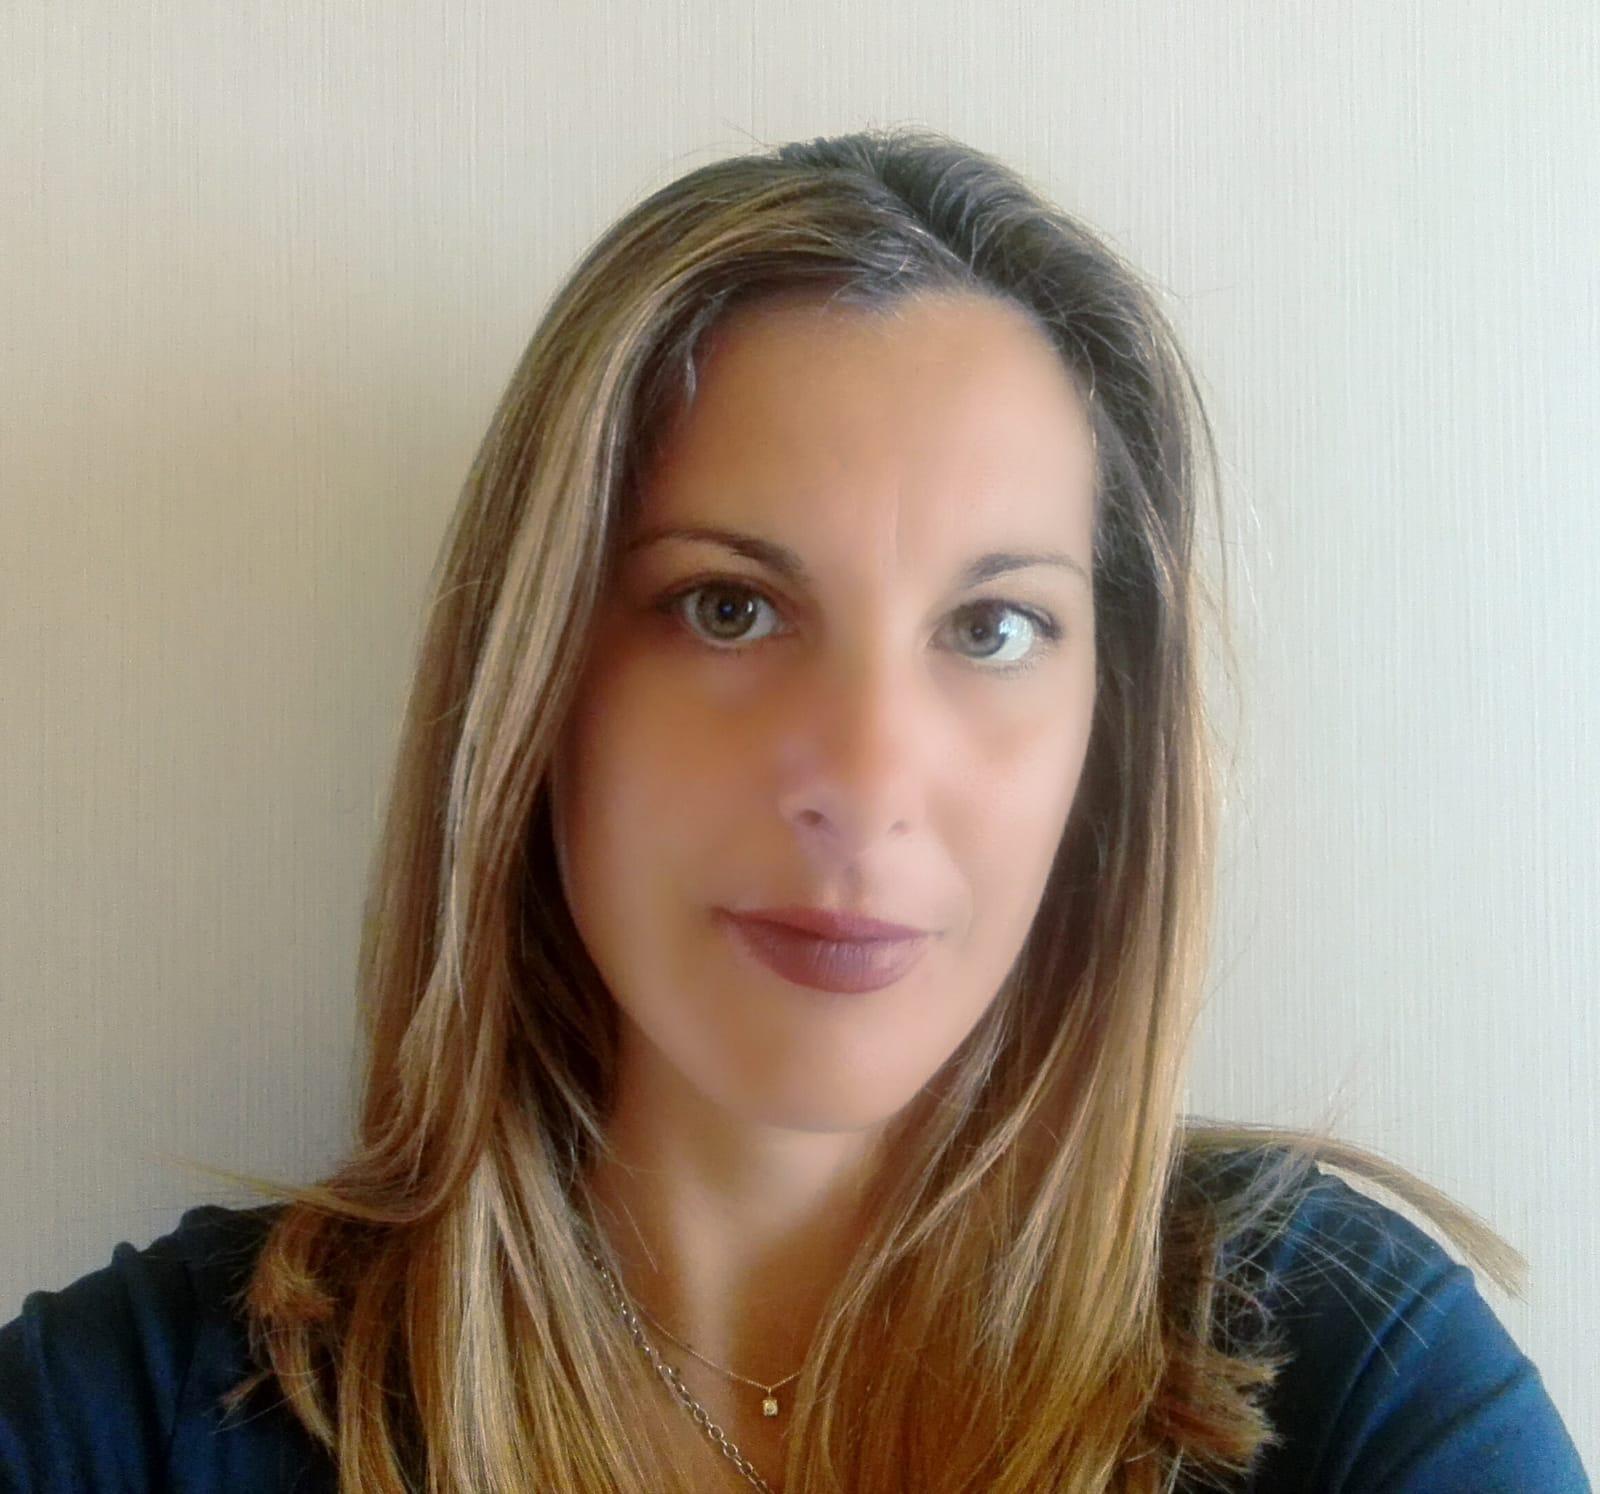 Claudia Camilletti Lega Campi Bisanzio